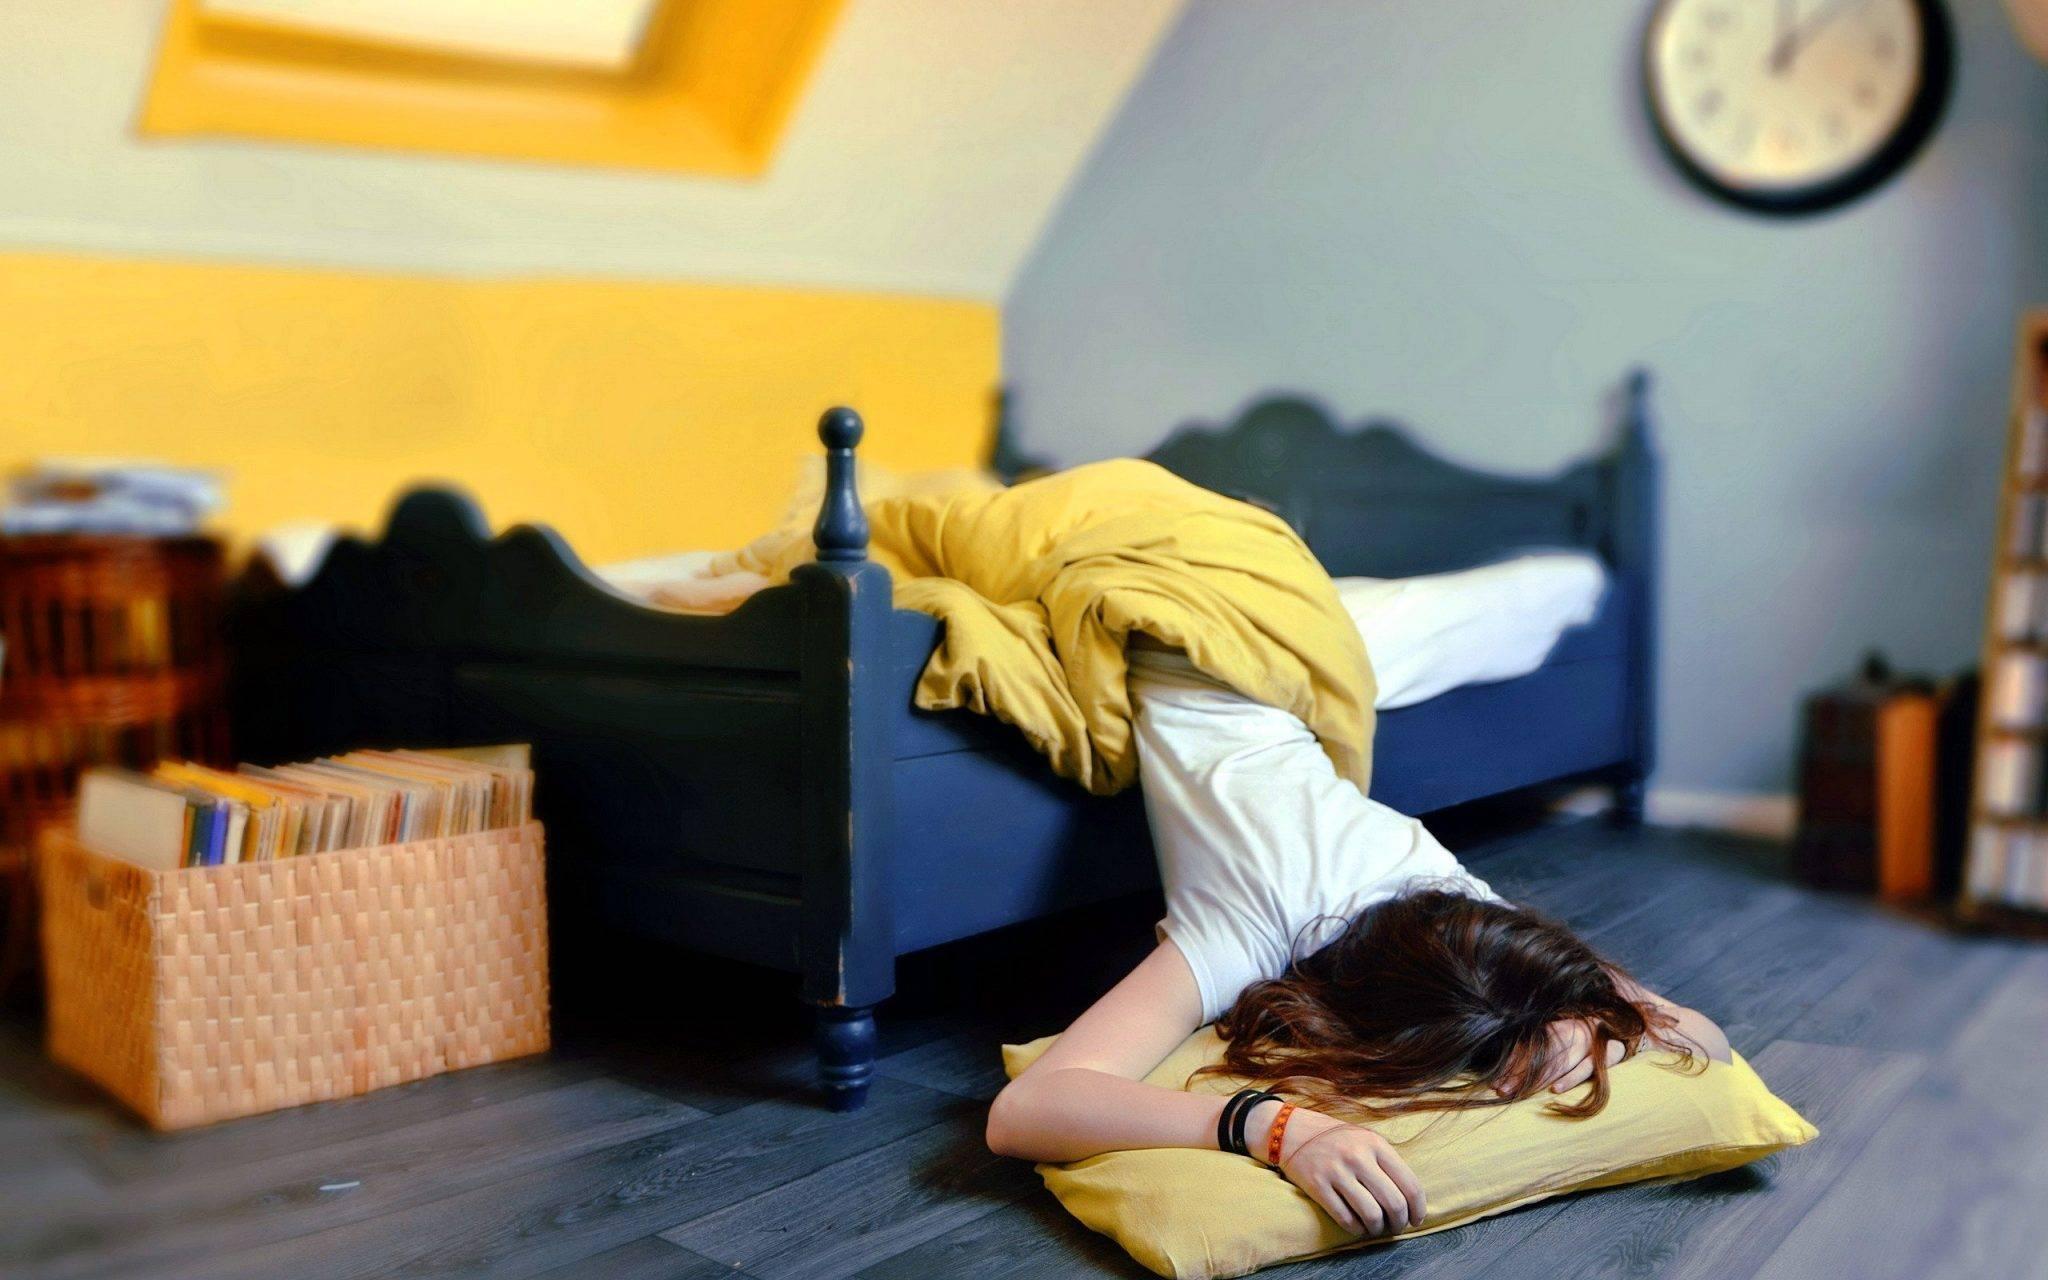 Что будет, если спать всего по 2 часа в сутки: результат эксперимента